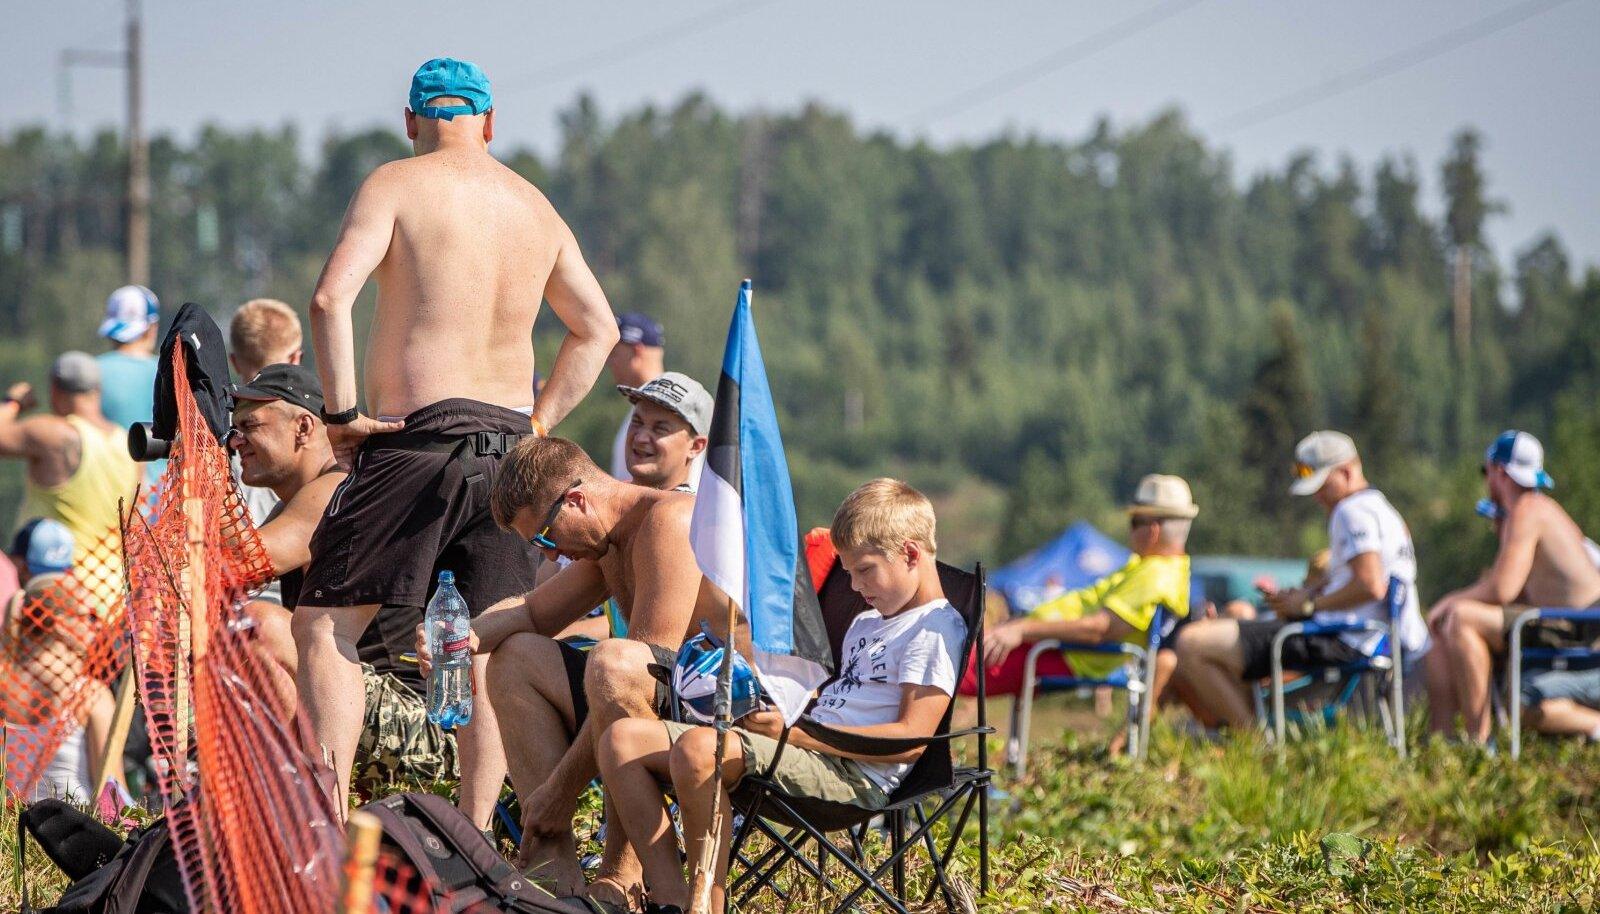 Ühte pealtvaatajate gruppi tohib kuuluda kuni 1500 inimest ja grupid omavahel kokku ei puutu. Aga pärast rallipäeva lõppu pole fännidel omavaheliseks läbikäimiseks mingeid takistusi.